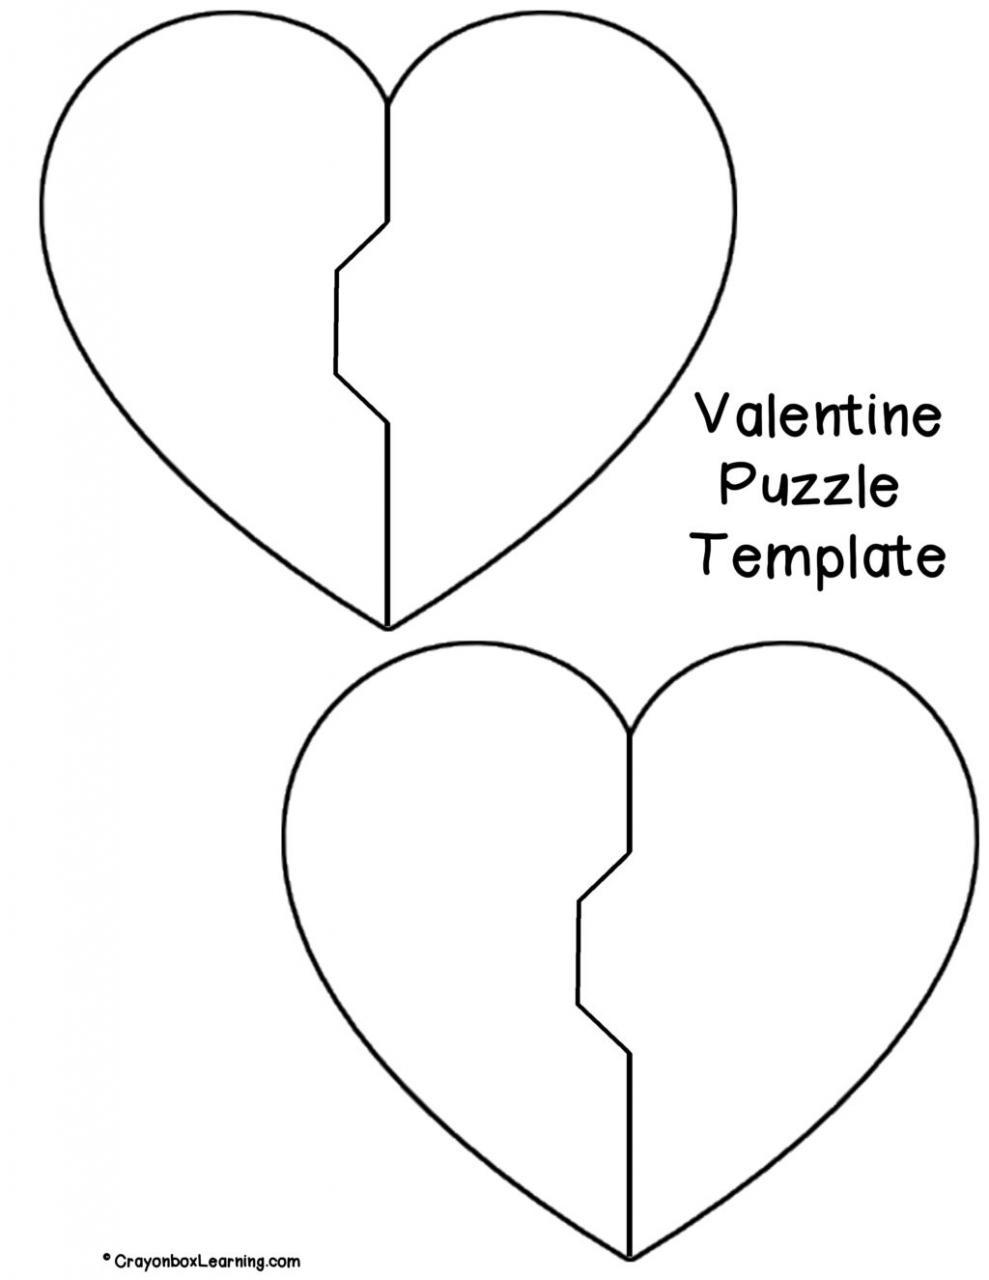 50 buc tranh to mau hinh trai tim dep nhat danh tang cho be 8 - 50+ bức tranh tô màu hình trái tim đẹp nhất dành tặng cho bé